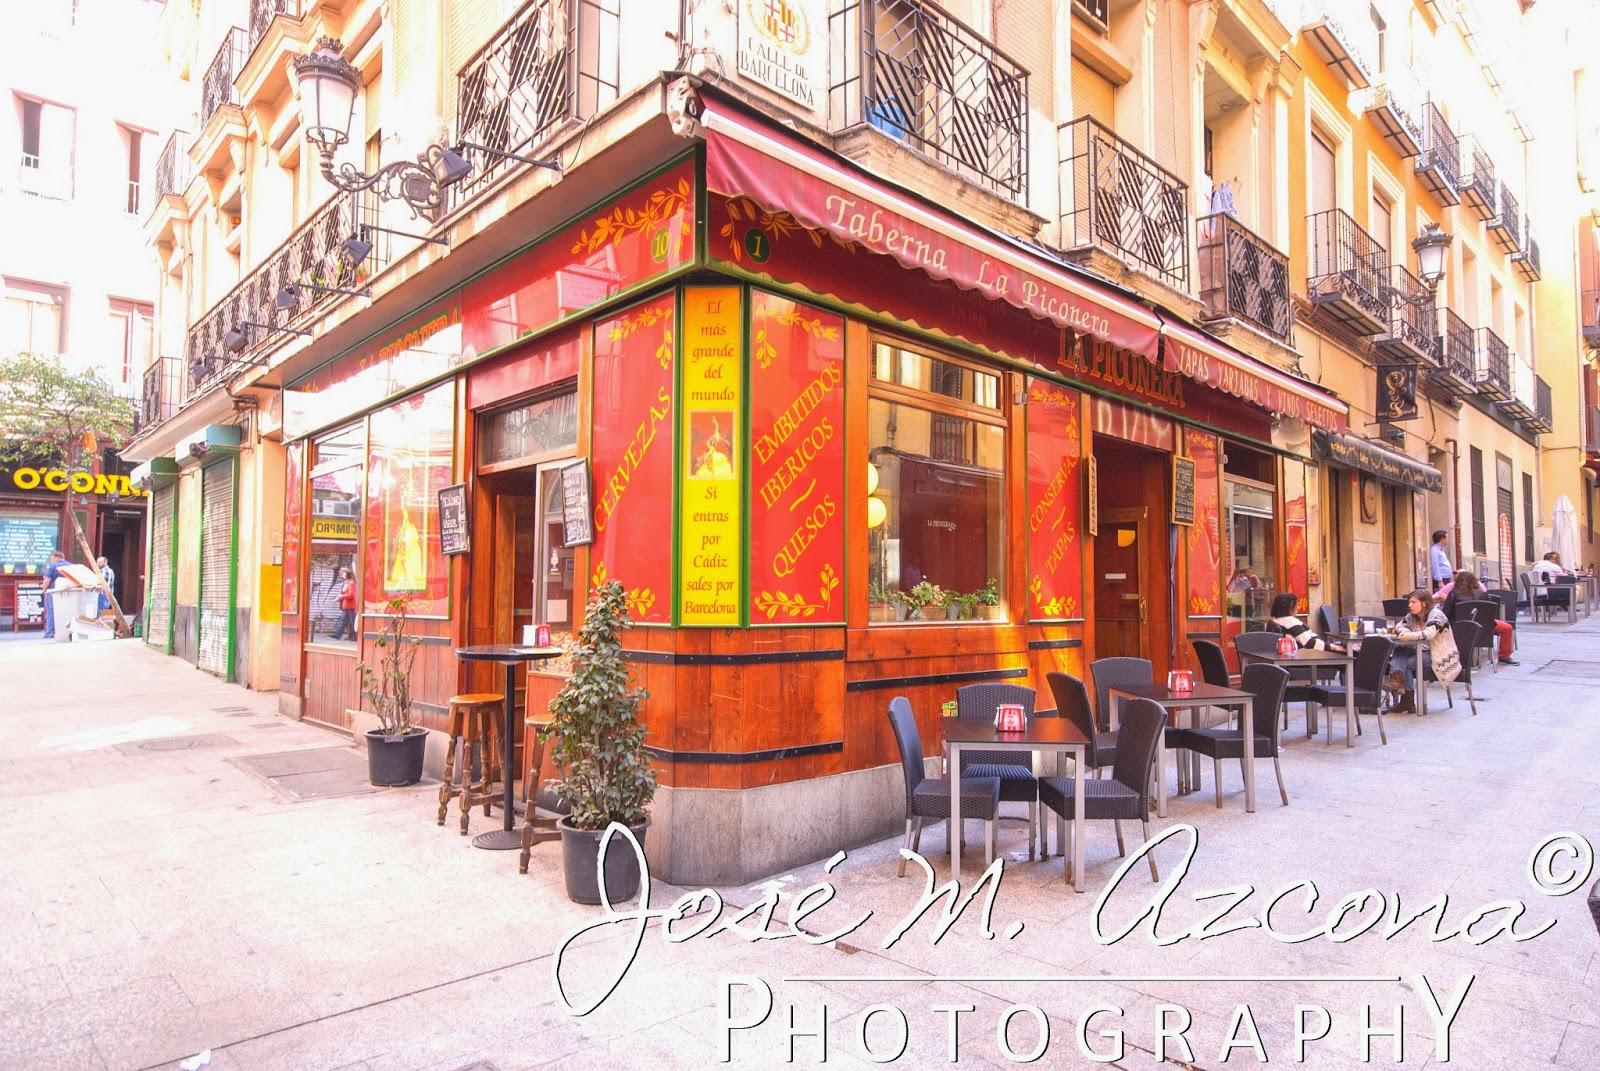 La Piconera en la calle de Cádiz esquina con calle de Barcelona